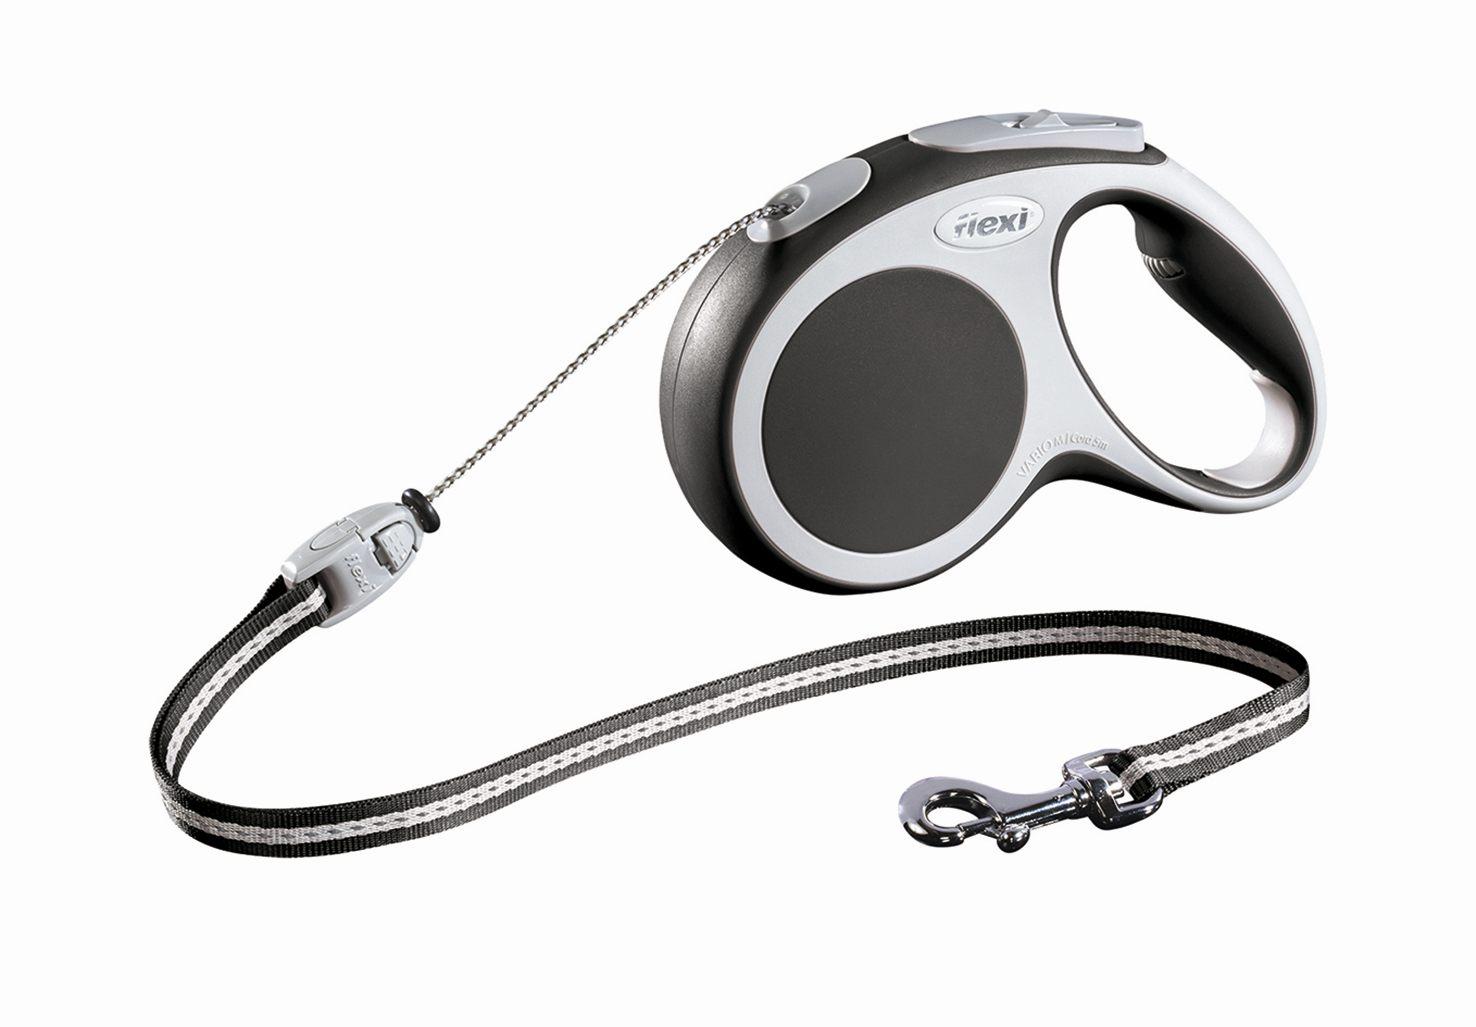 Поводок-рулетка Flexi Vario Basic М для собак до 20 кг, цвет: серый, 5 м019207Поводок-рулетка Flexi Vario Basic М изготовлен из пластика и нейлона. Тросовый поводок обеспечивает каждой собаке свободу движения, что идет на пользу здоровью и радует вашего четвероногого друга. Рулетка очень проста в использовании, оснащена кнопками кратковременной и постоянной фиксации. Ее можно оснастить - мультибоксом для лакомств или пакетиков для сбора фекалий, LED подсветкой корпуса, своркой или ремнем с LED подсветкой. Поводок имеет прочный корпус, хромированную застежку и светоотражающие элементы. Длина поводка: 5 м. Максимальная нагрузка: 20 кг. Товар сертифицирован.